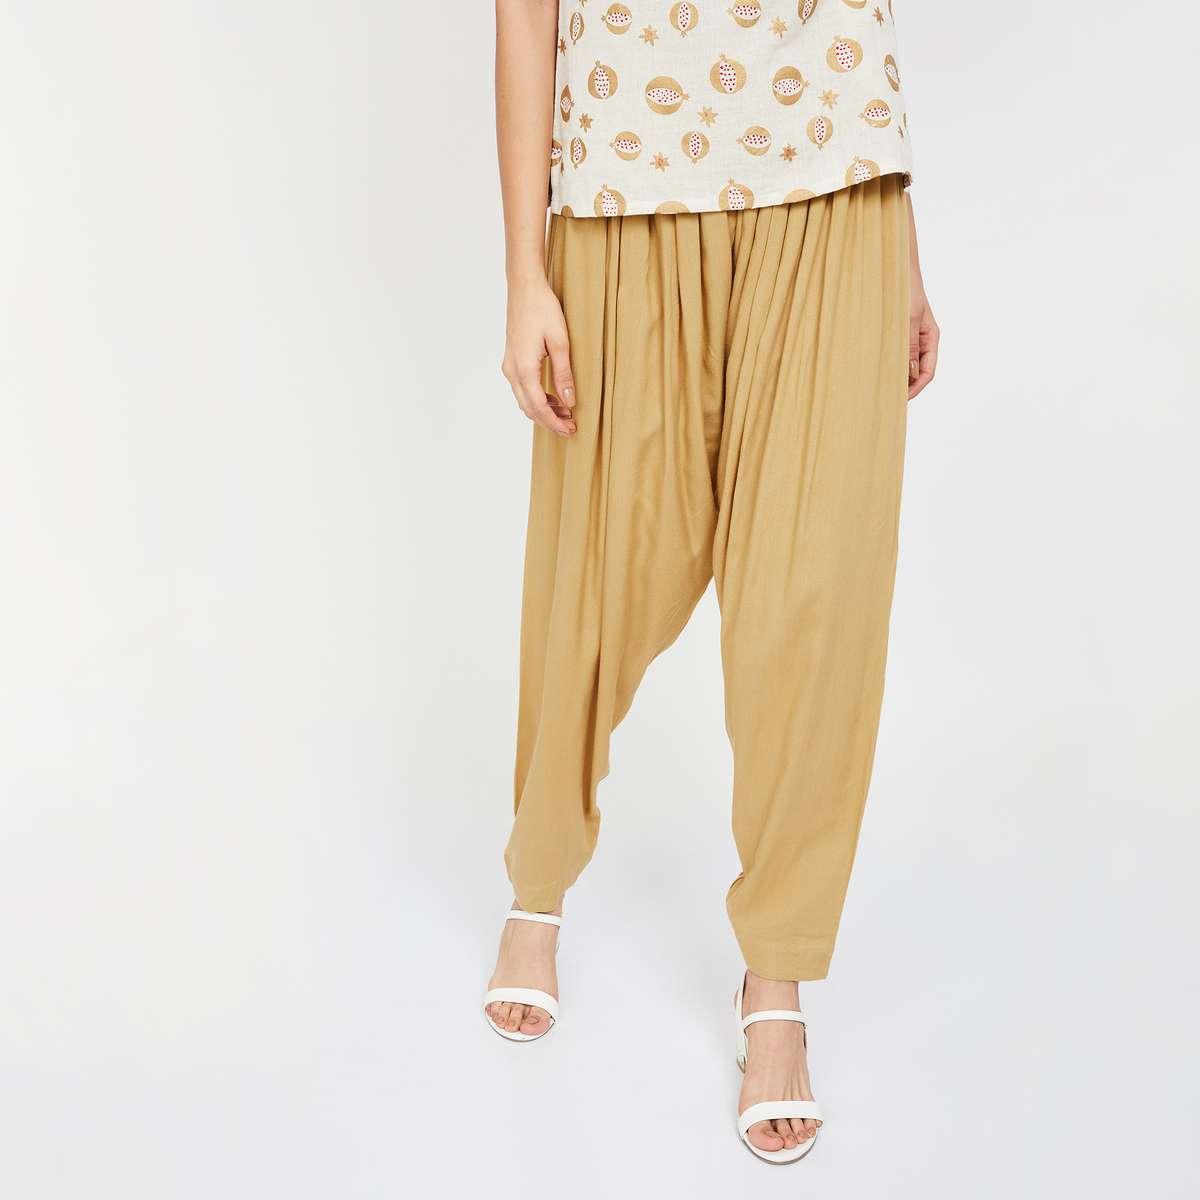 6.DE MOZA Solid Elasticated Patiala Pants